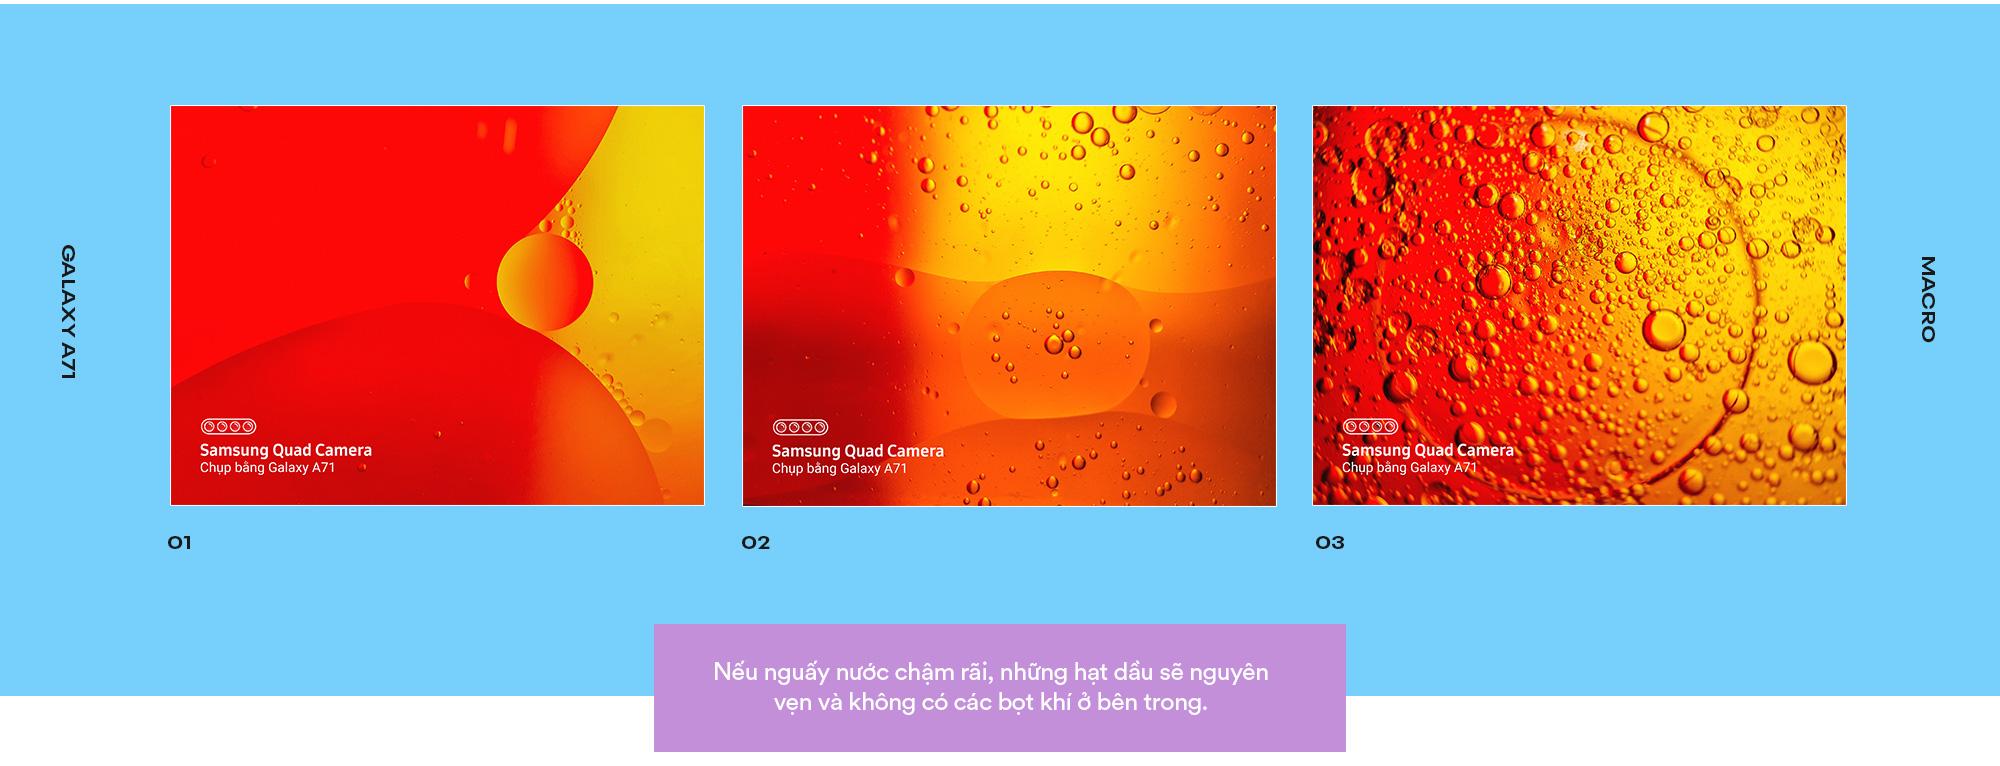 Chụp những bức hình bong bóng dầu ăn đẹp như trong mơ với một chiếc smartphone - Ảnh 6.